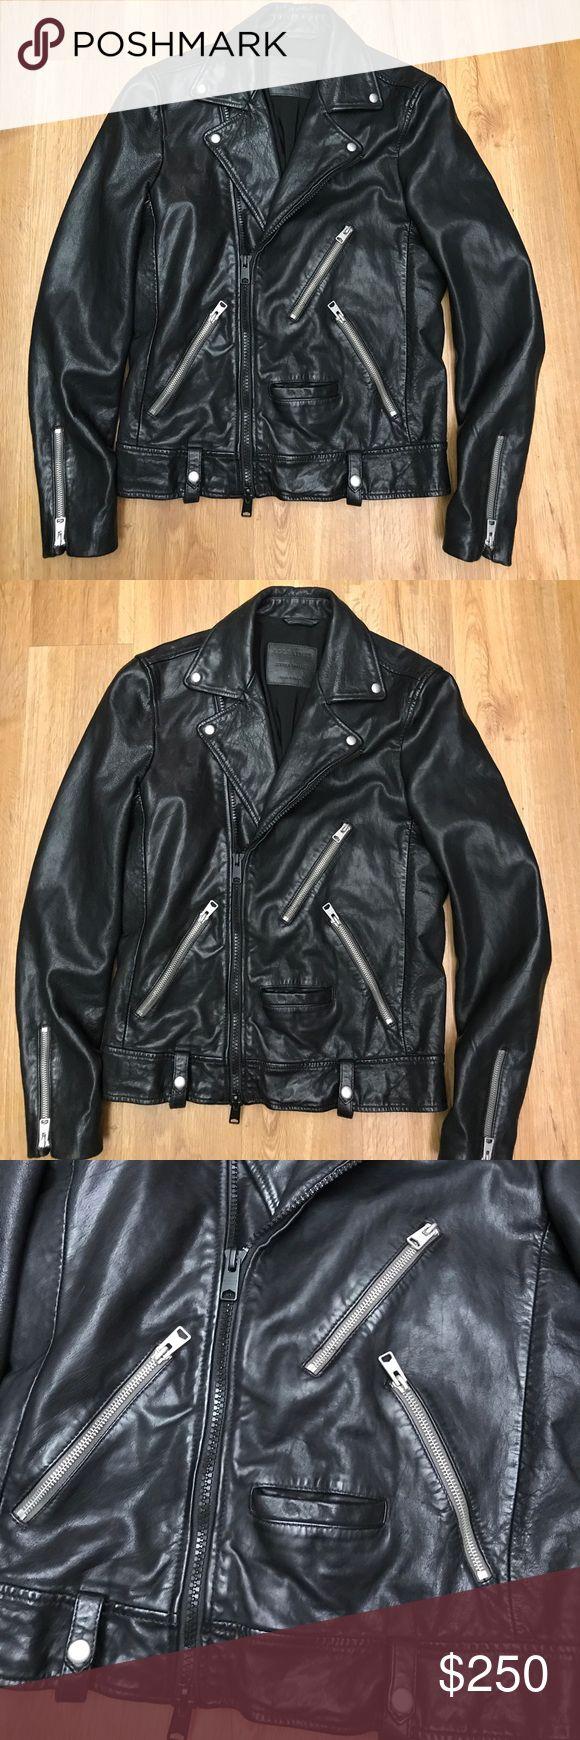 ALLSAINTS black leather Moto jacket size Xs Beautiful Allsaints leather jacket in excellent preowned condition size Xs Allsaints Jackets & Coats